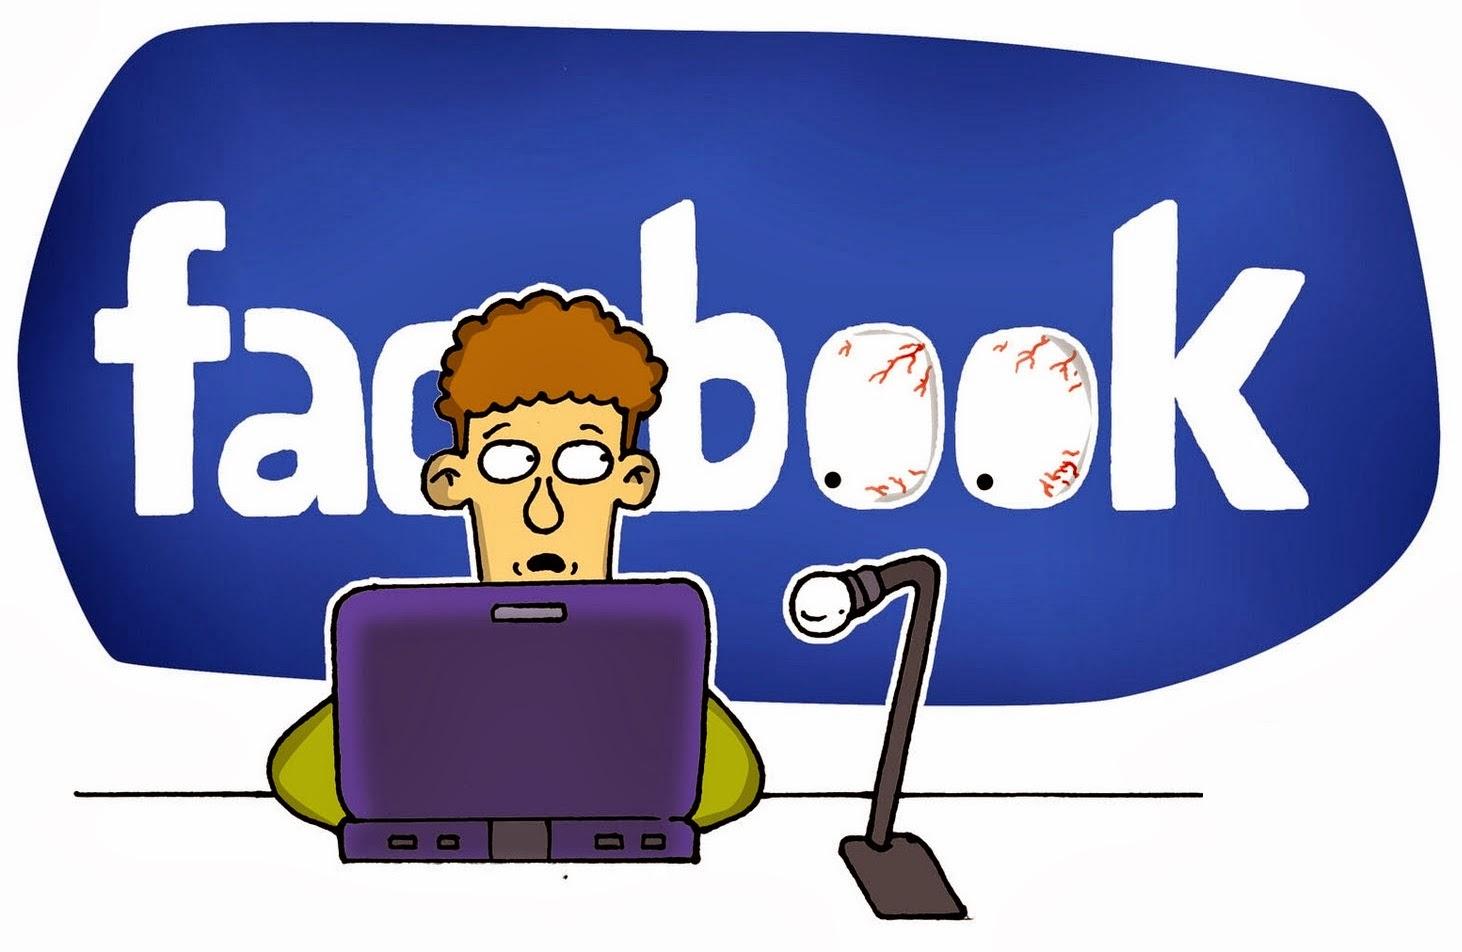 Գիտե՞ք, որ facebook-ը հետևում է ձեզ, նույնիսկ, երբ չեք օգտագործում այն